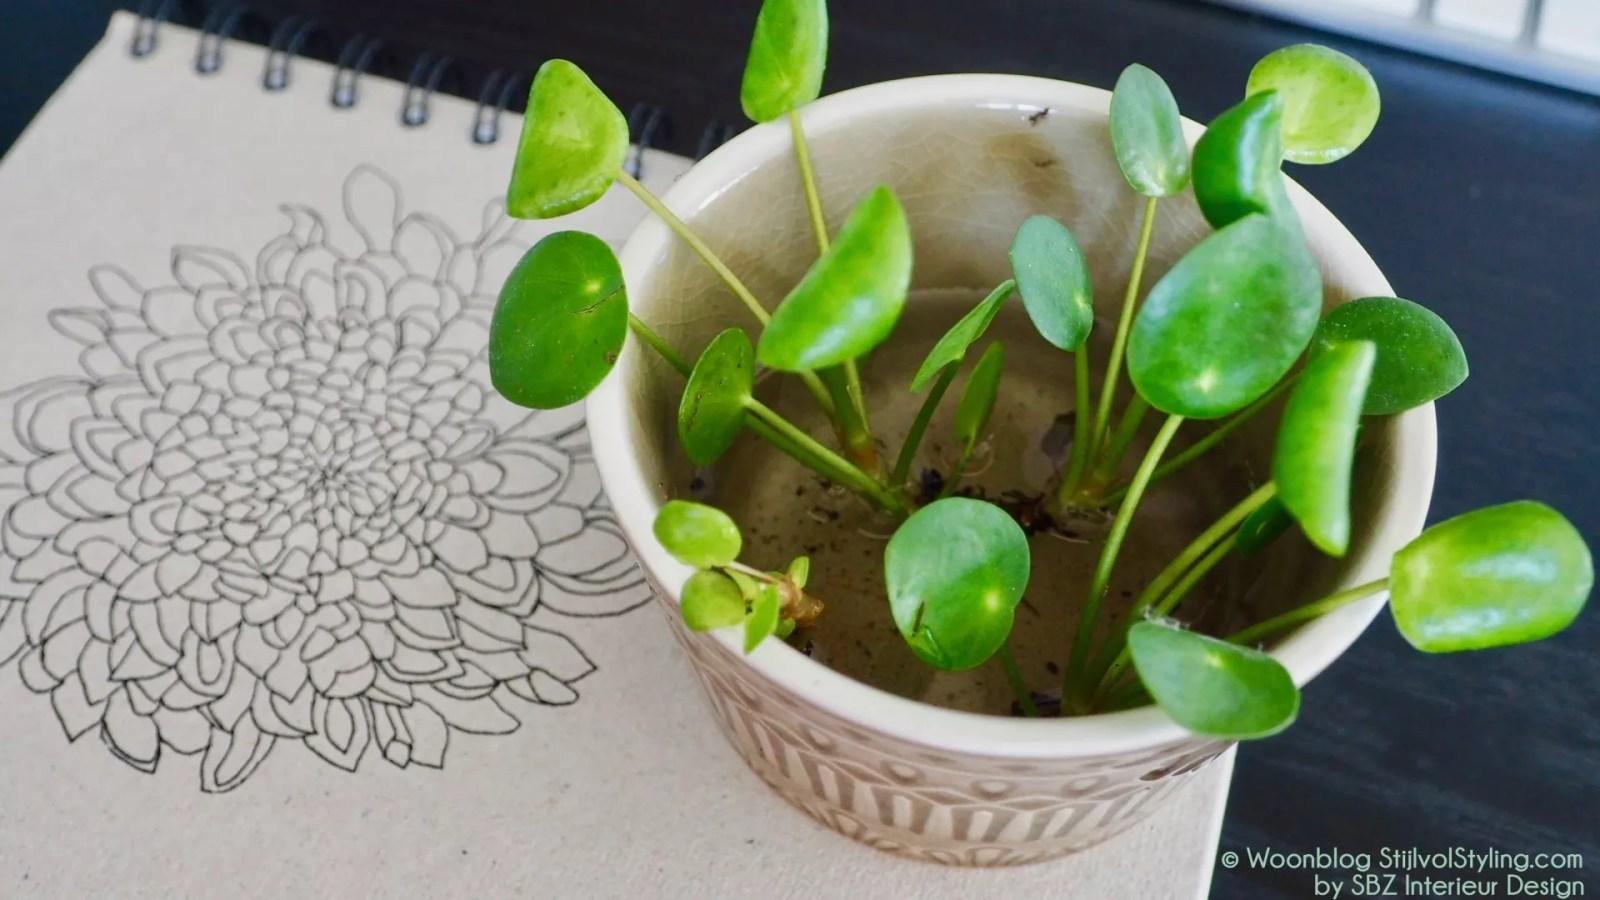 Groen wonen   Do it yourself - Pilea stekken - Woonblog StijlvolStyling.com